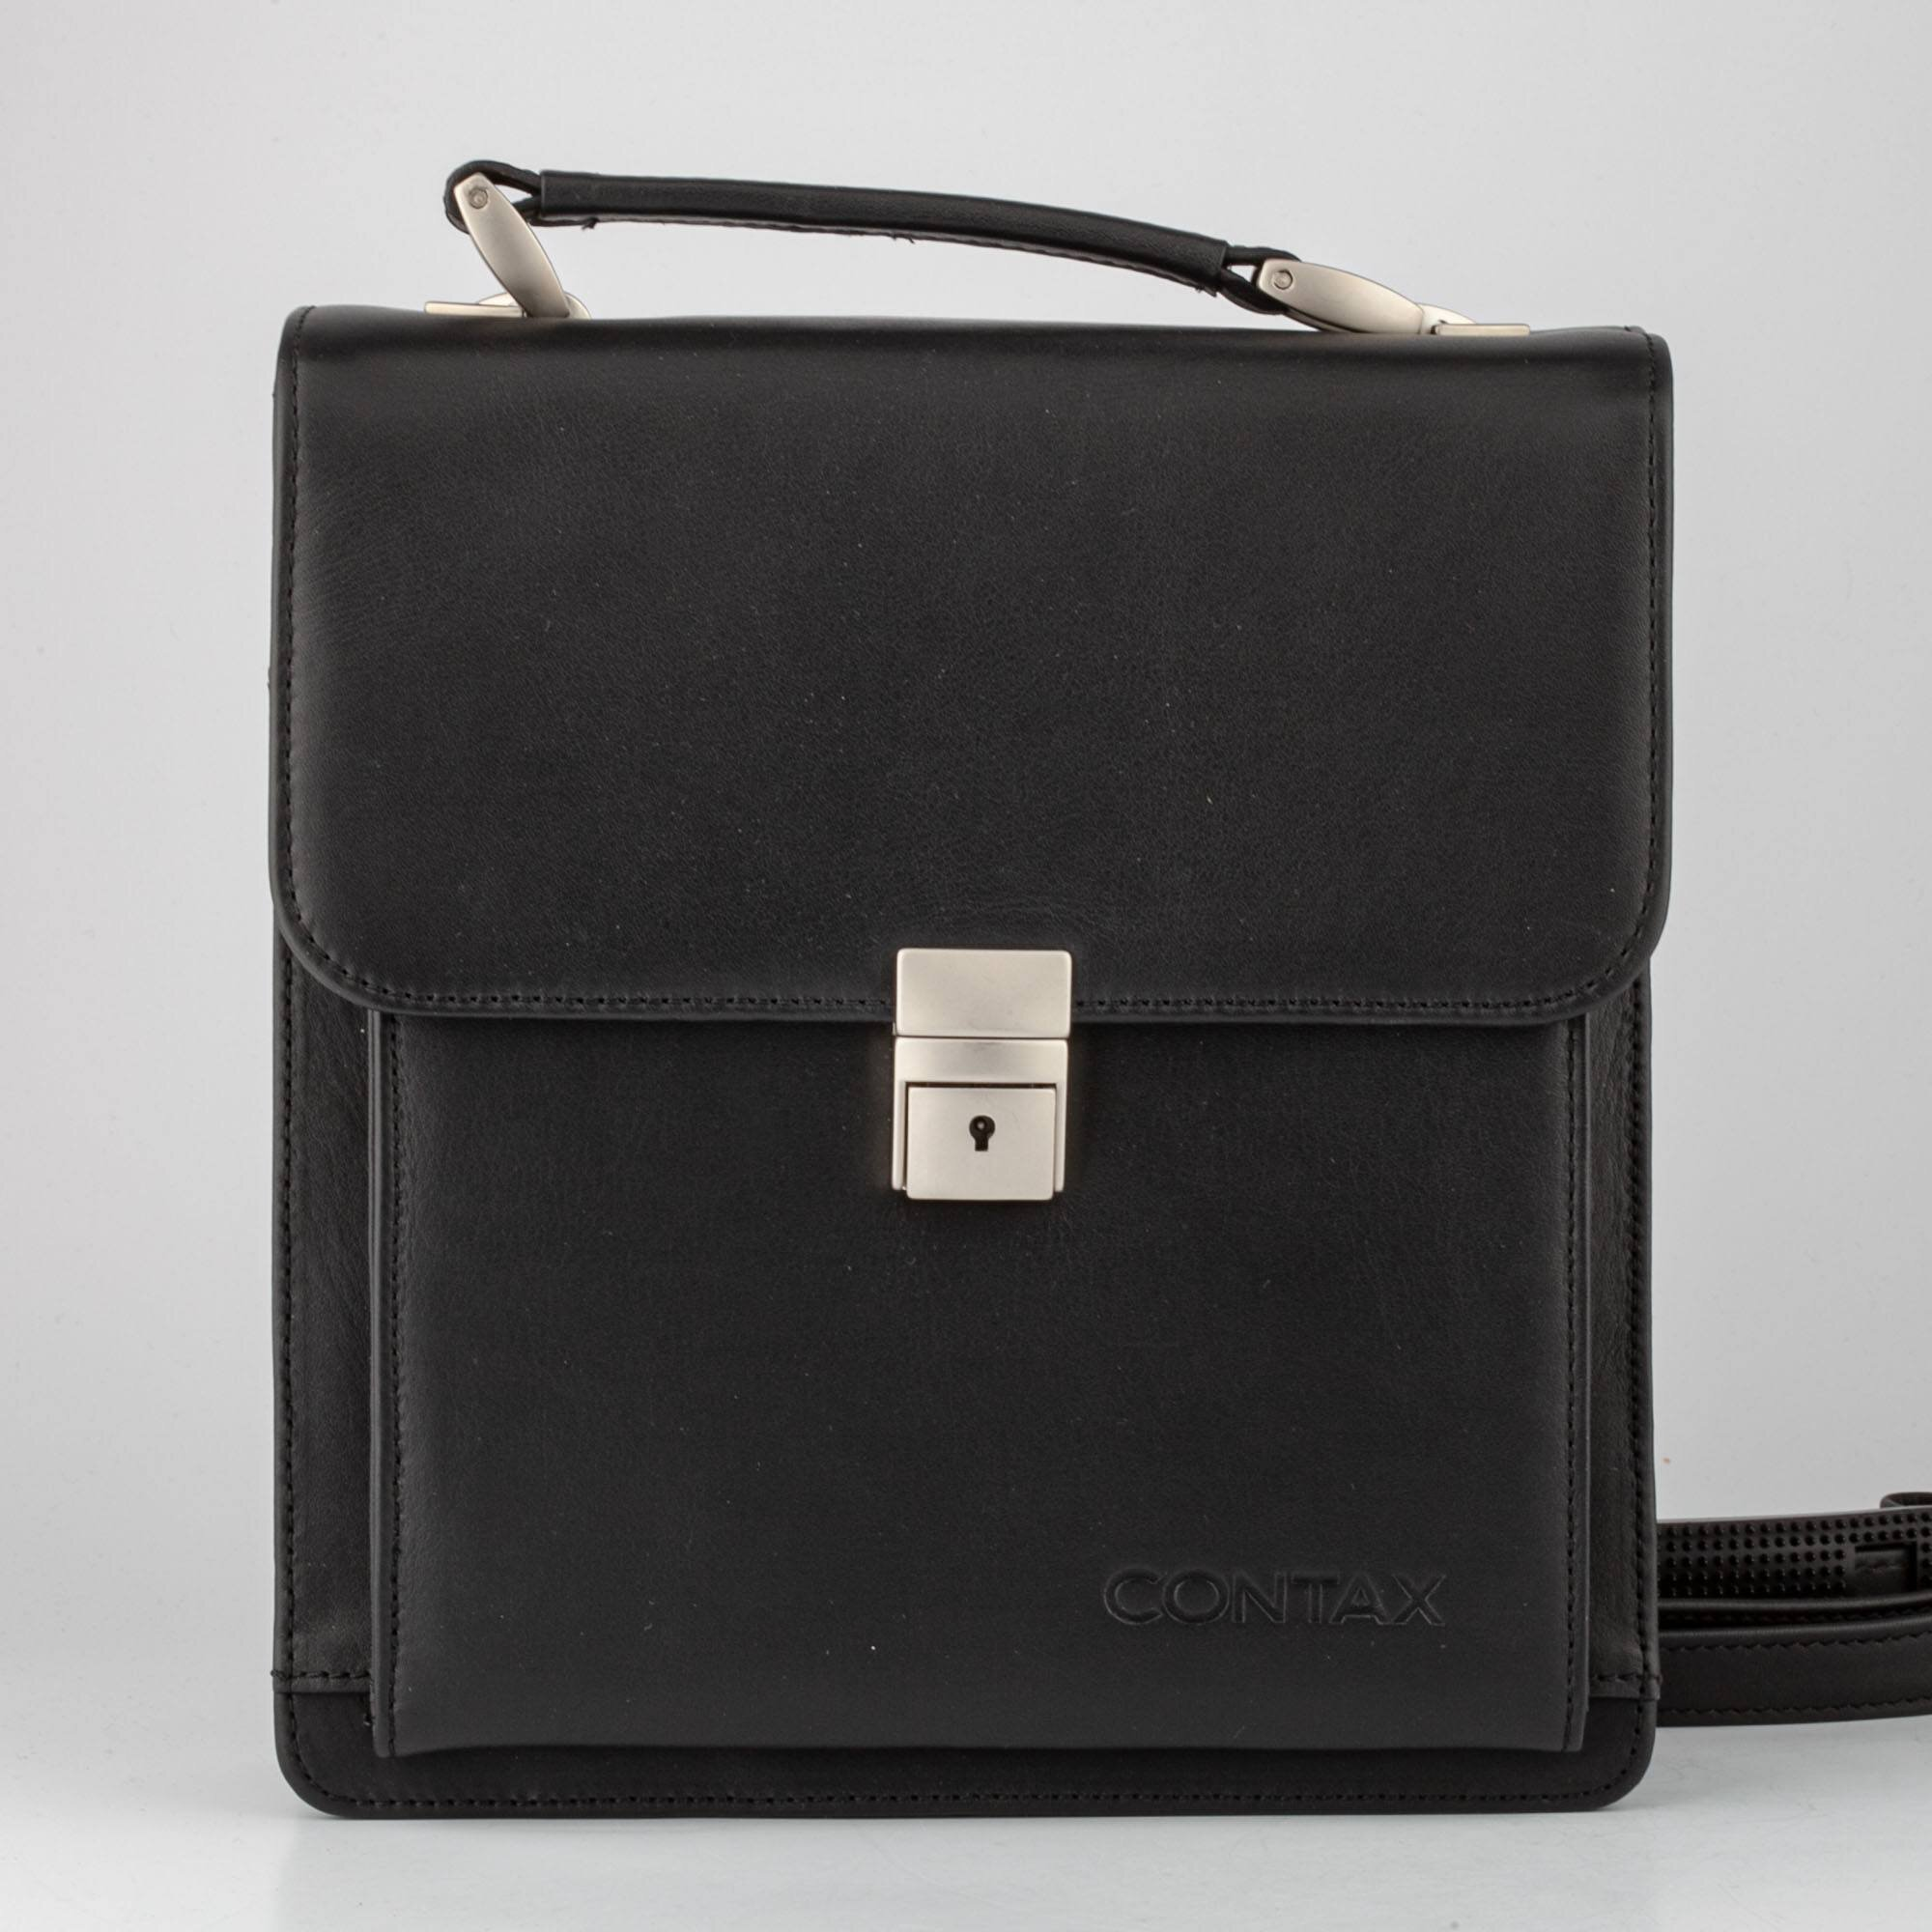 Contax Leather bag black G1 G2 T2  Original Tasche für Contax